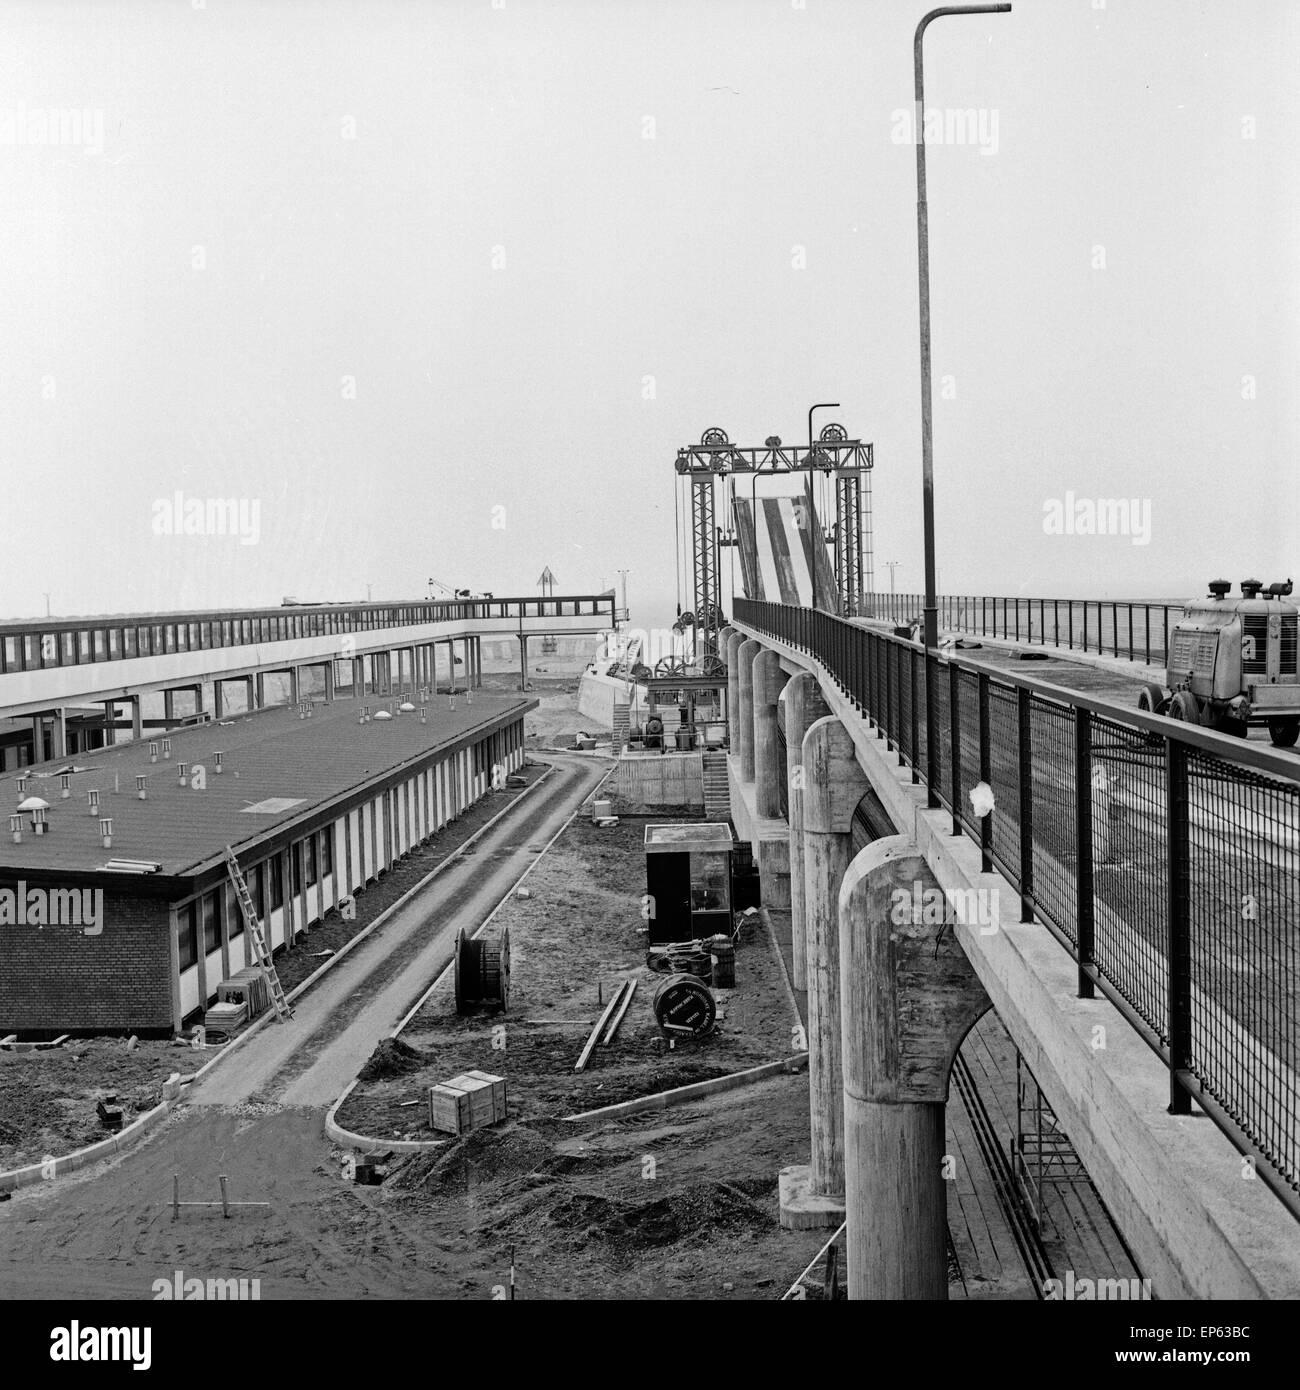 Im Hafen von Puttgarden auf der Insel Fehmarn, Deutschland 1960er Jahre. At Puttgarden harbor on Fehmarn island, - Stock Image